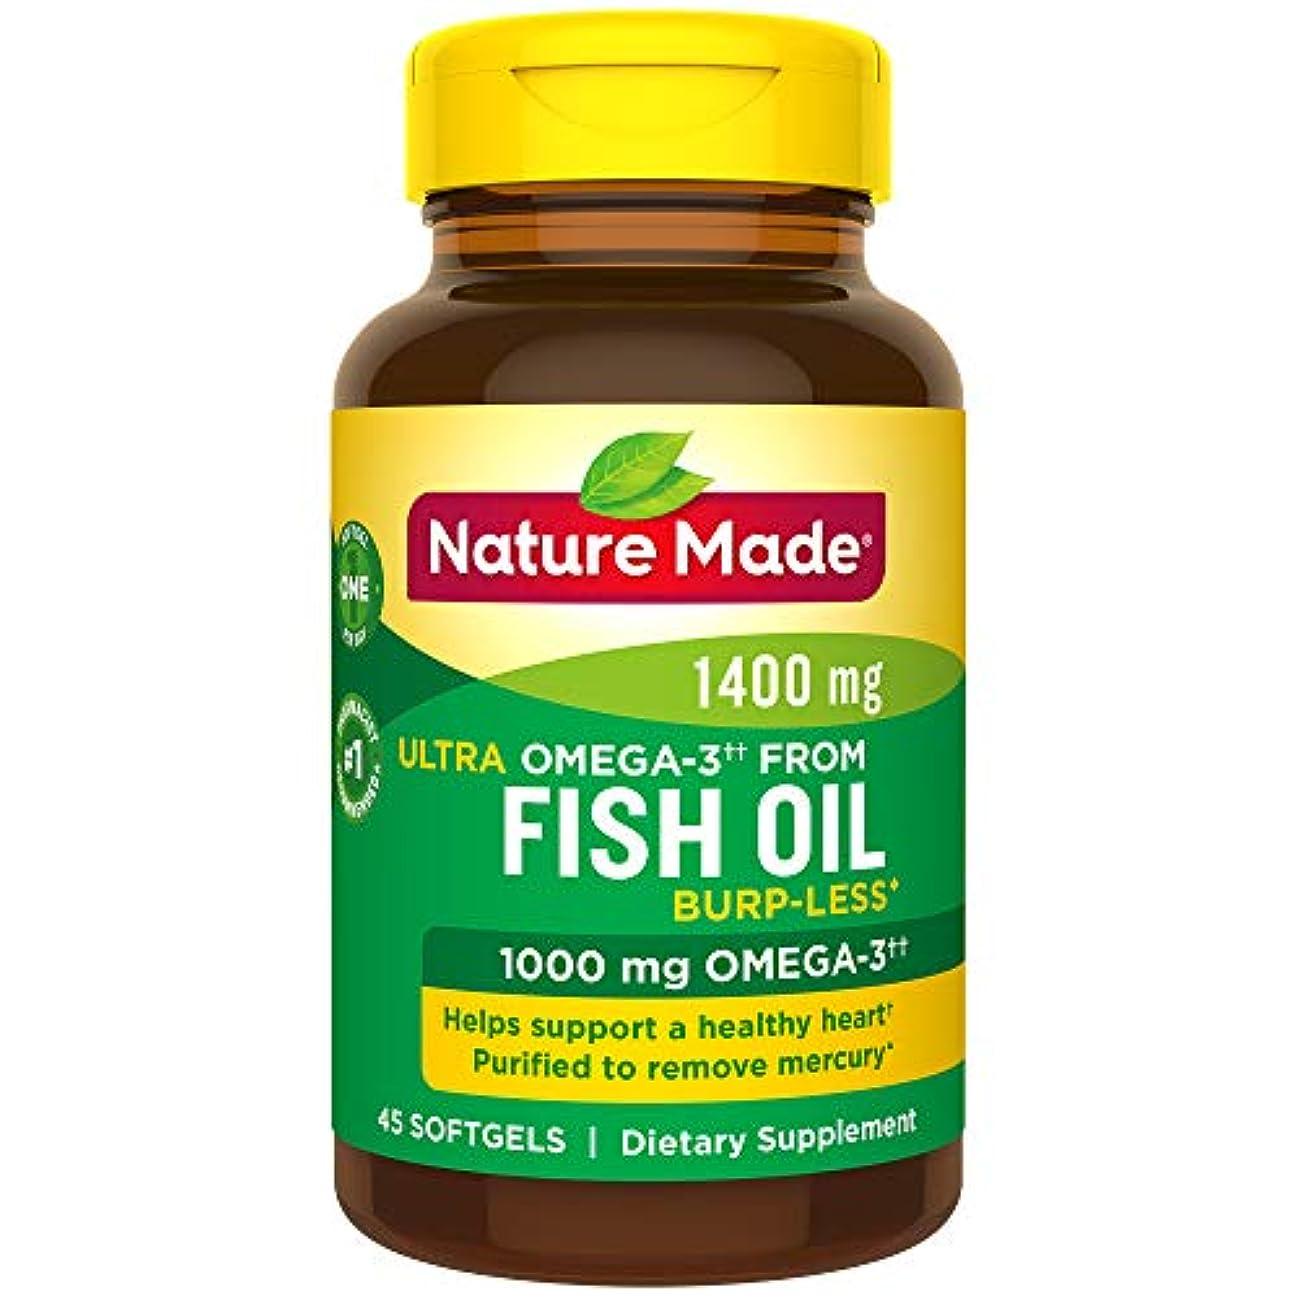 レンダリング違反する置換Nature Made Ultra Omega-3 Fish Oil Softgels, 1400 Mg, 45 Count 海外直送品